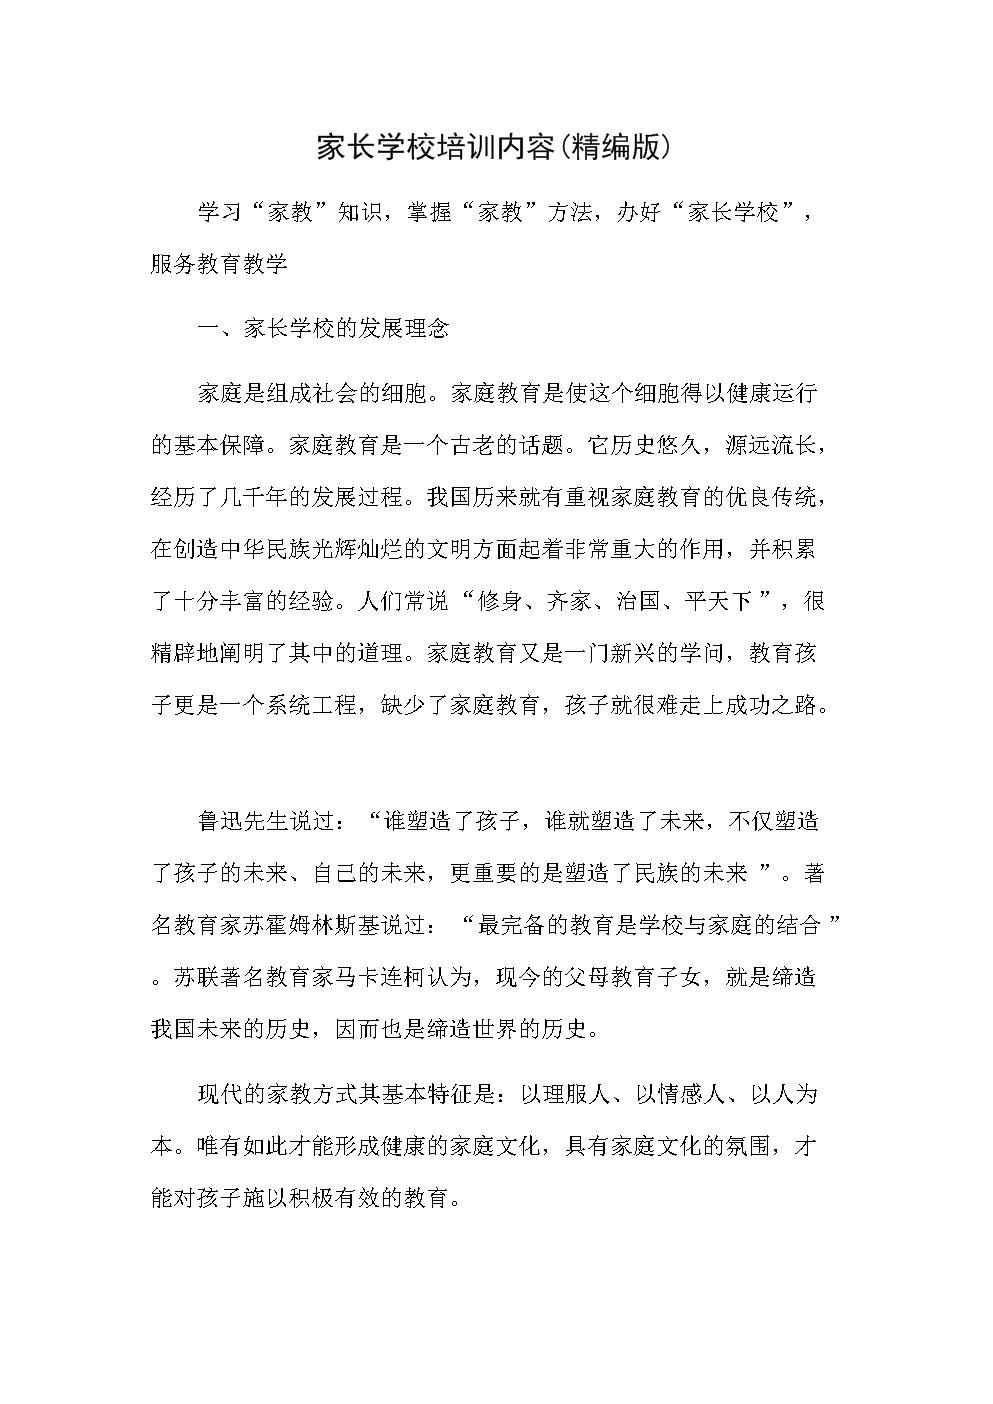 小学家长学校培训资料(精编版).doc